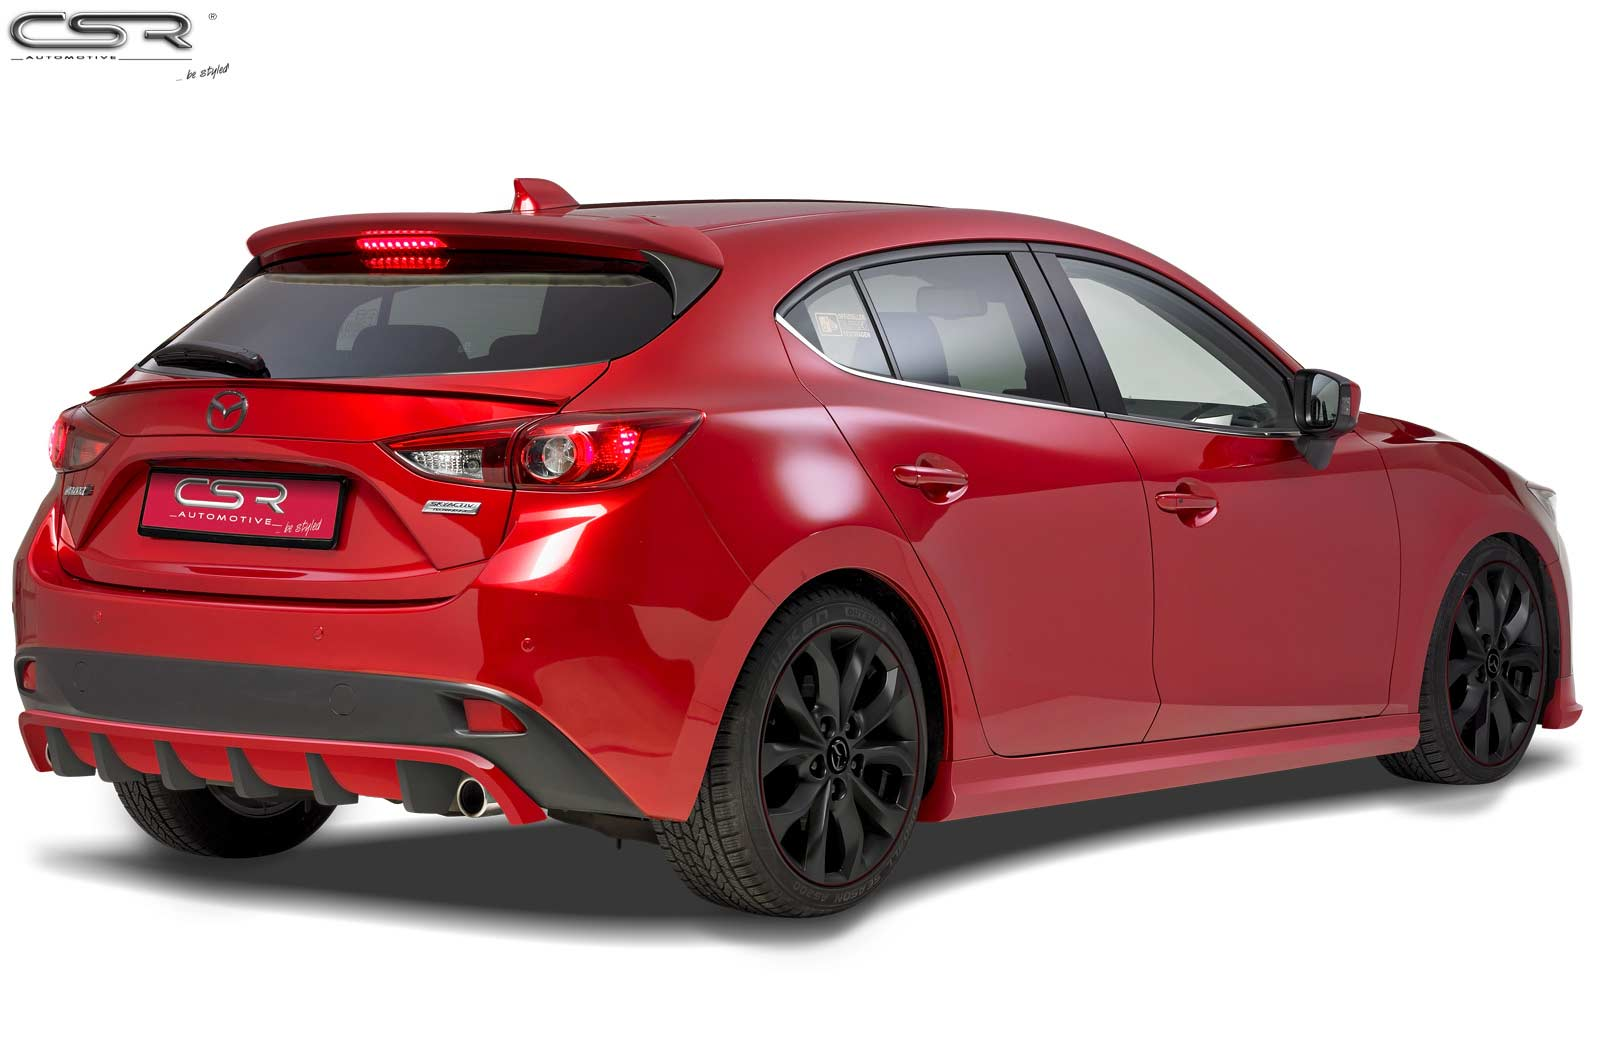 Kelebihan Kekurangan Mazda 3 Bm Tangguh